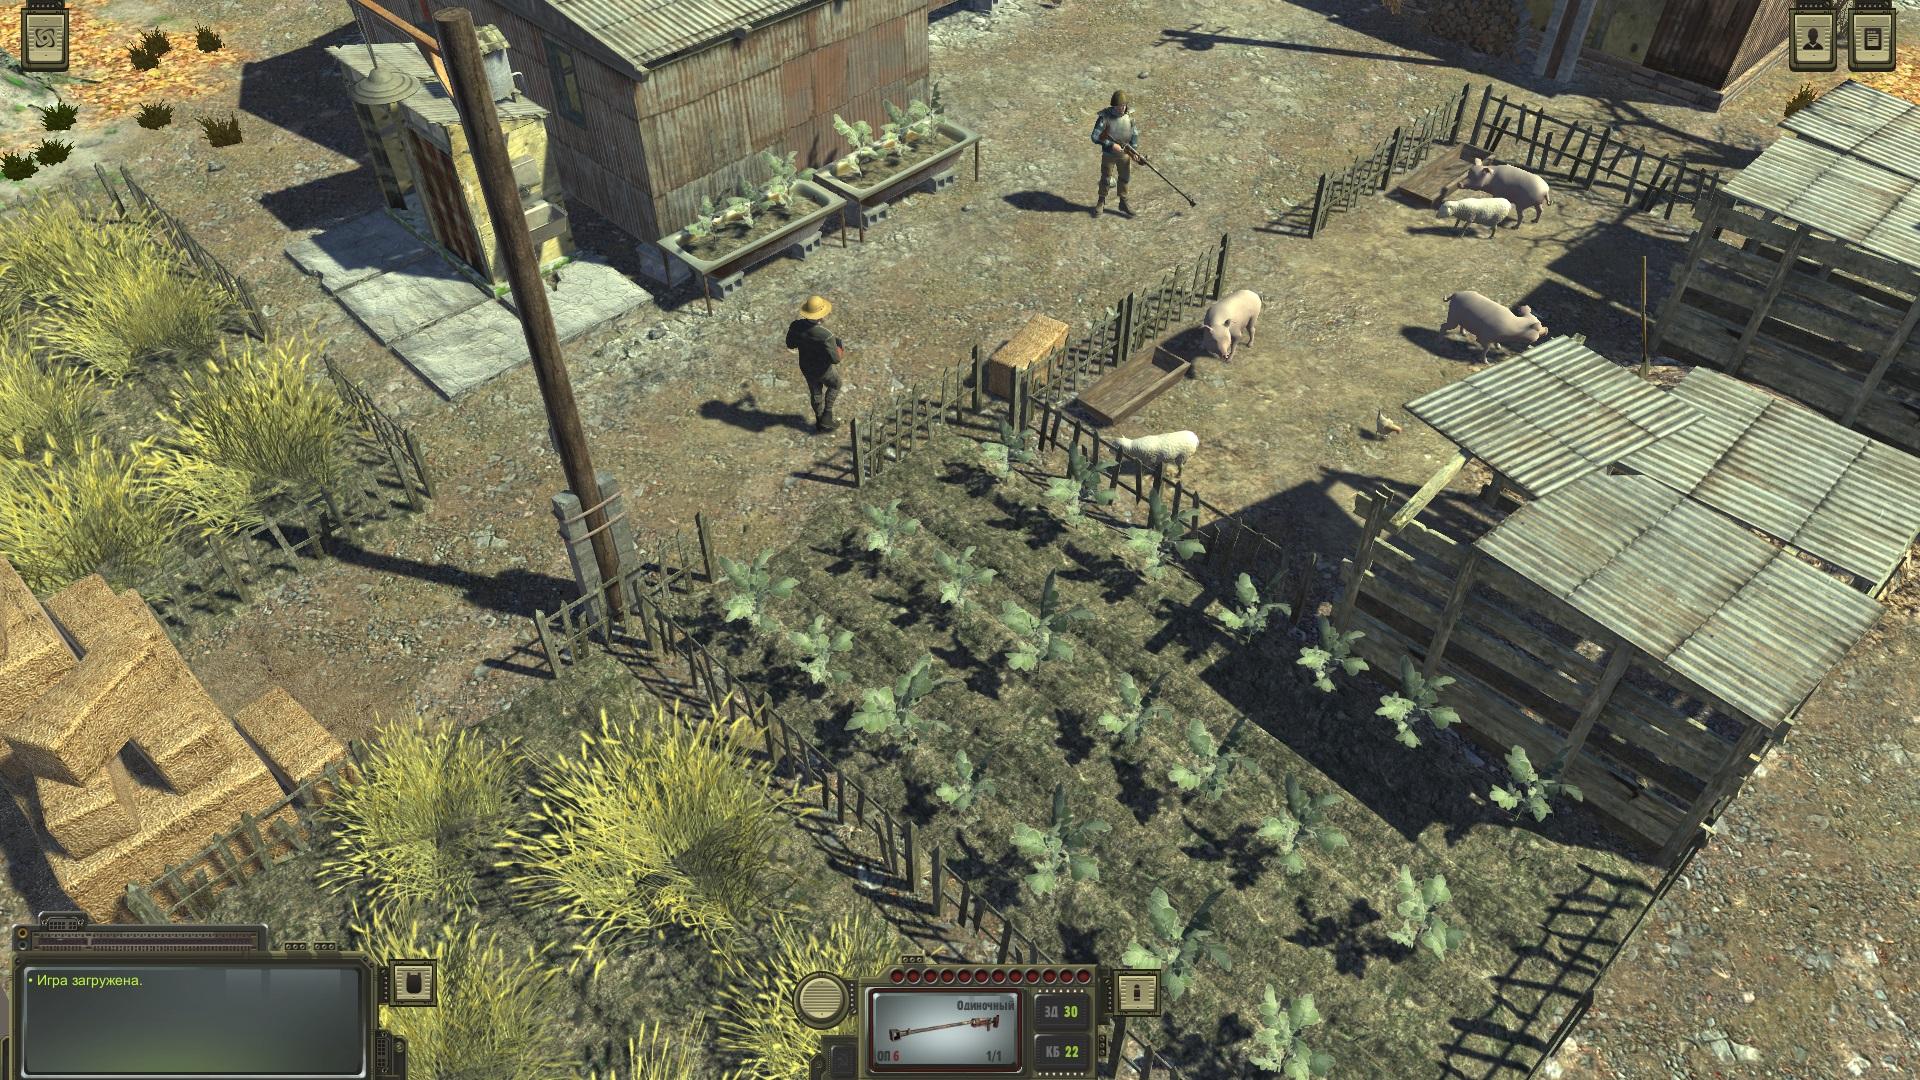 核爆RPG:末日余生/ATOM RPG: Post-apocalyptic indie gam